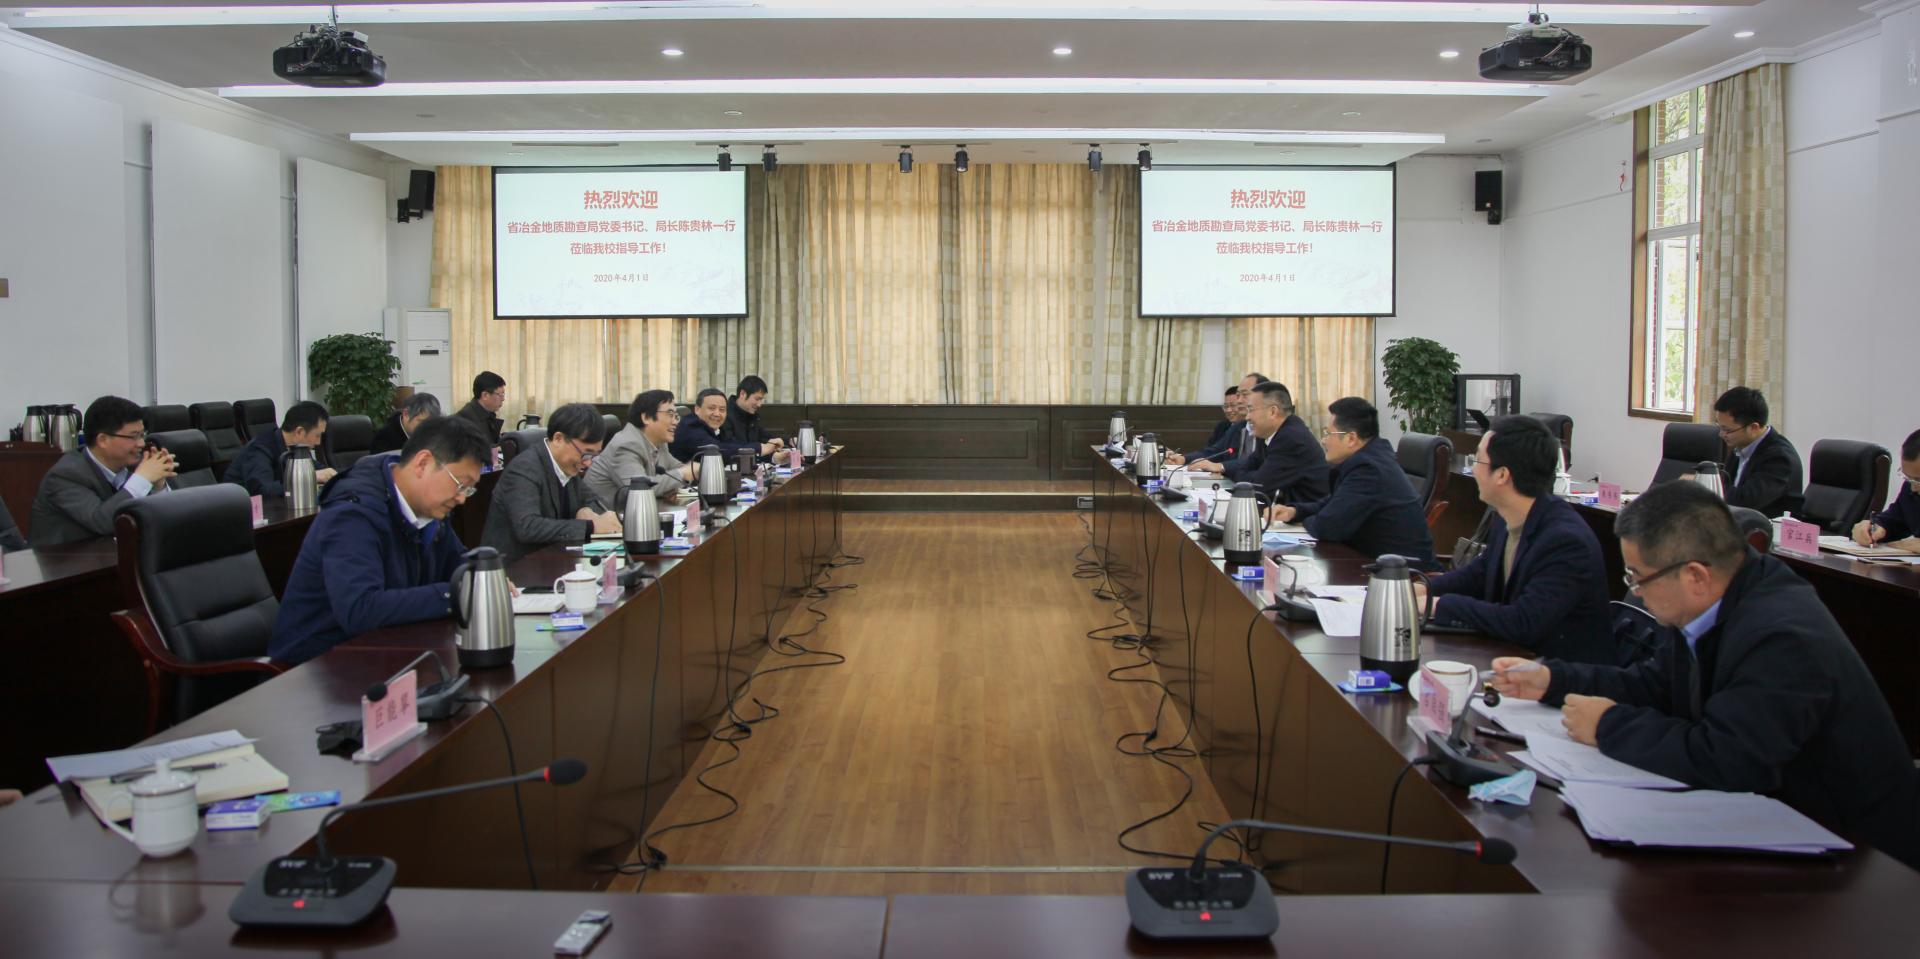 四川省冶金地质勘查局和我校召开交流座谈会